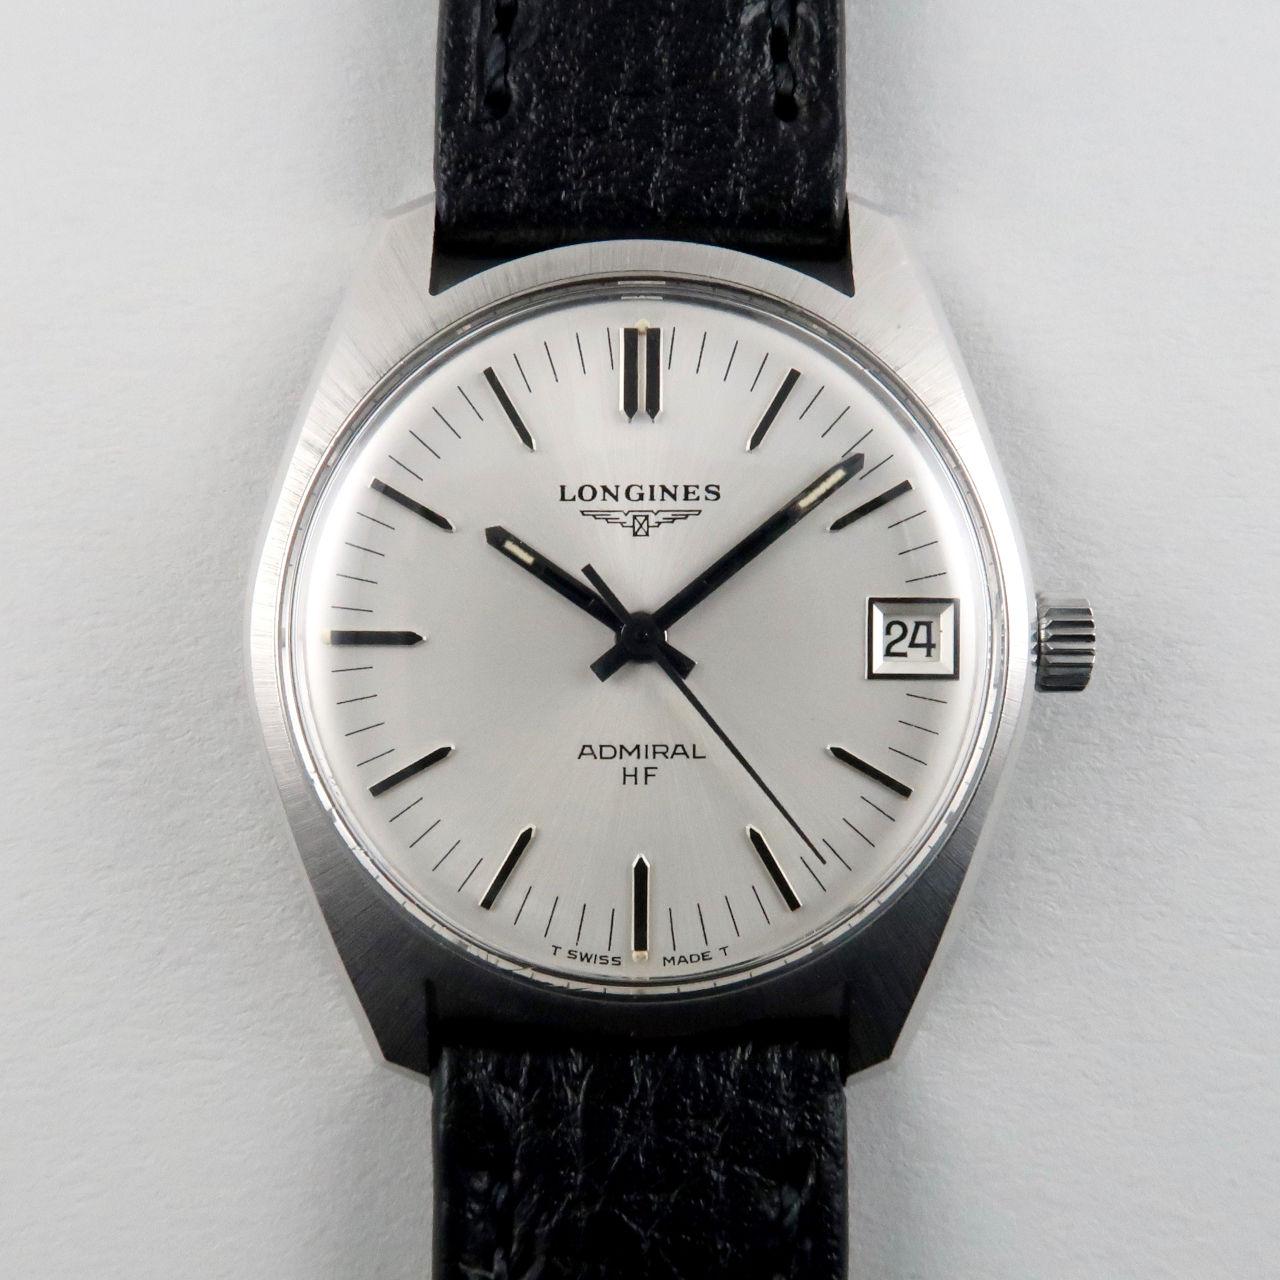 Longines Admiral HF Ref. 2302 -3 steel vintage wristwatch, circa 1973